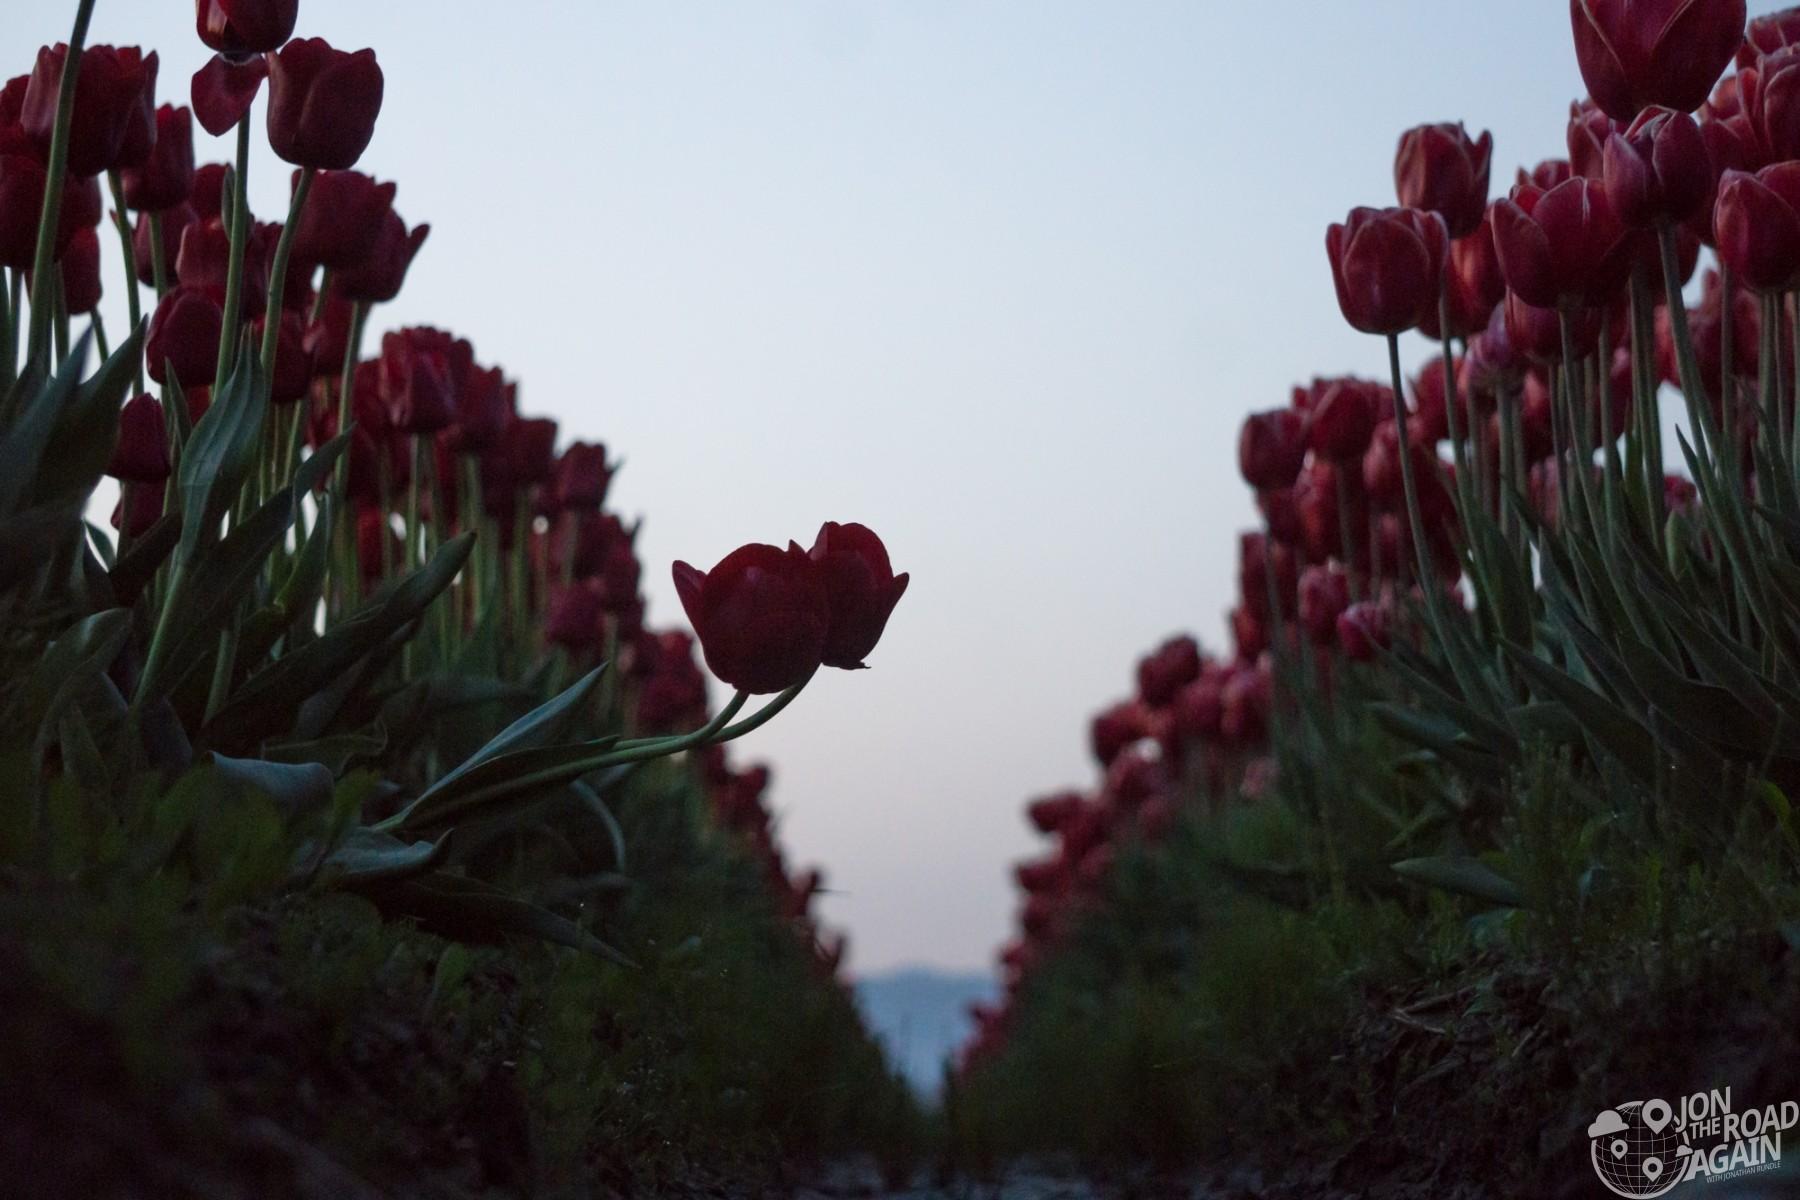 two tulips in field